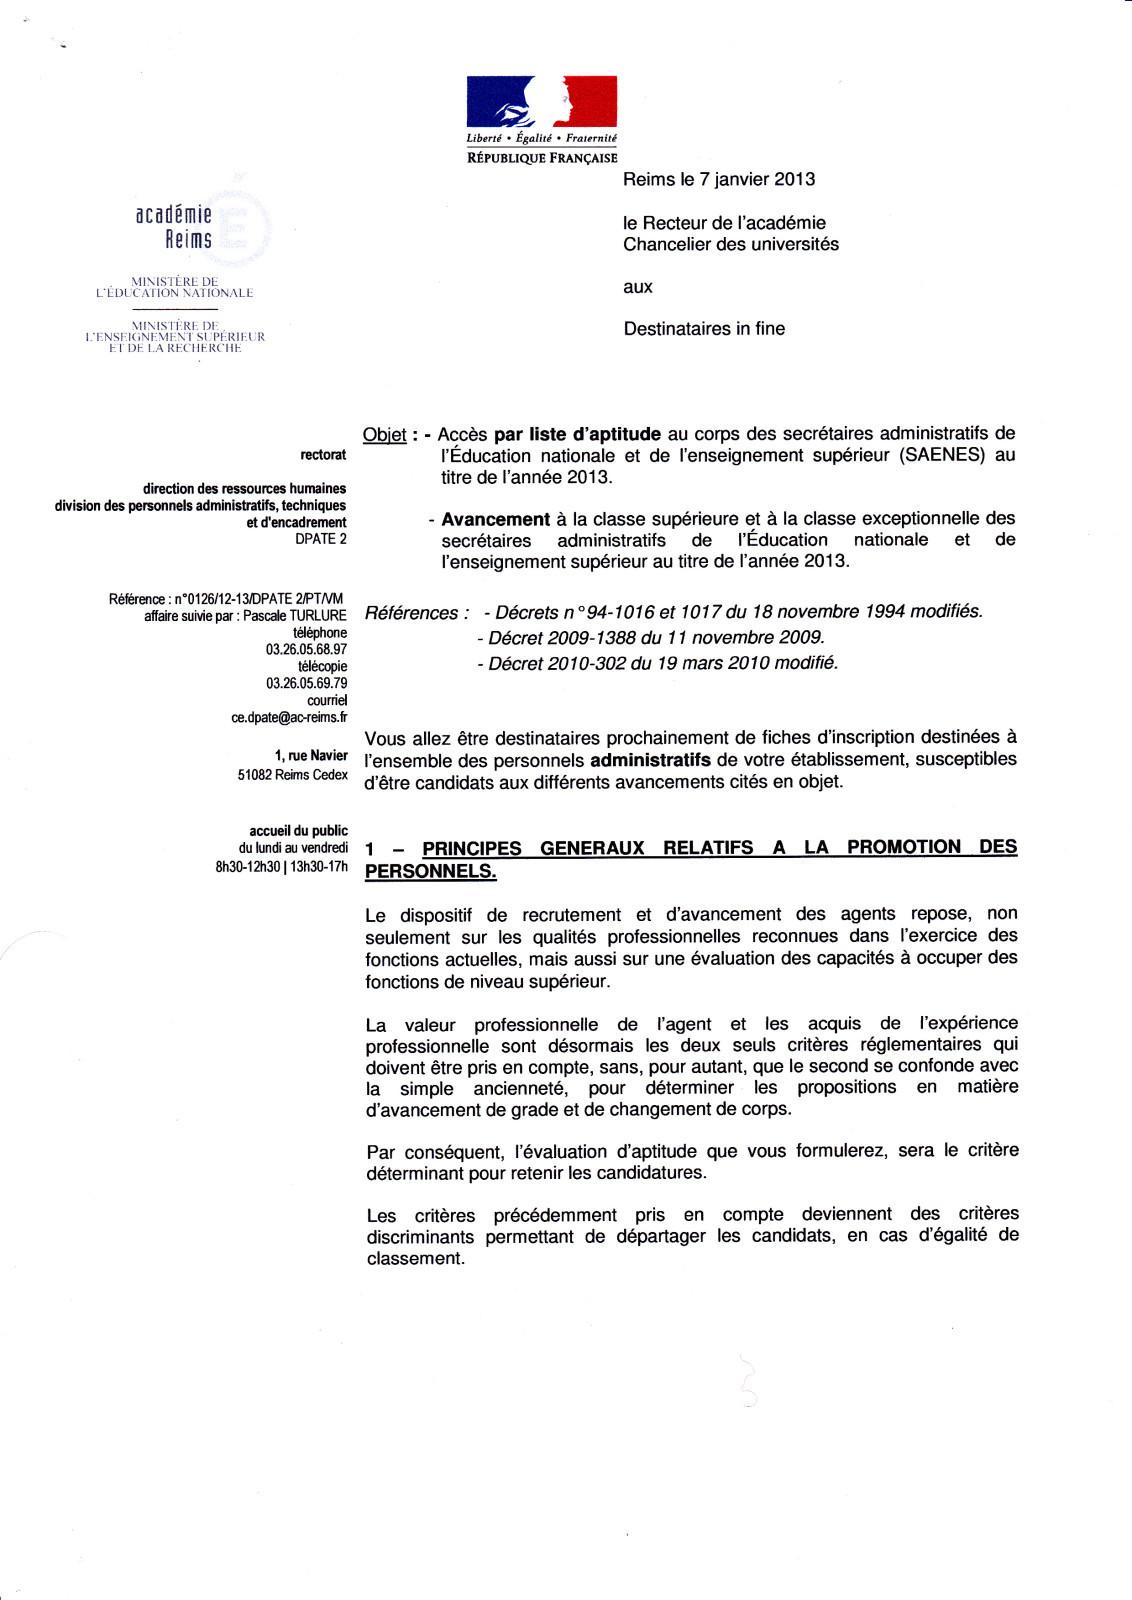 exemple de lettre administrative education nationale